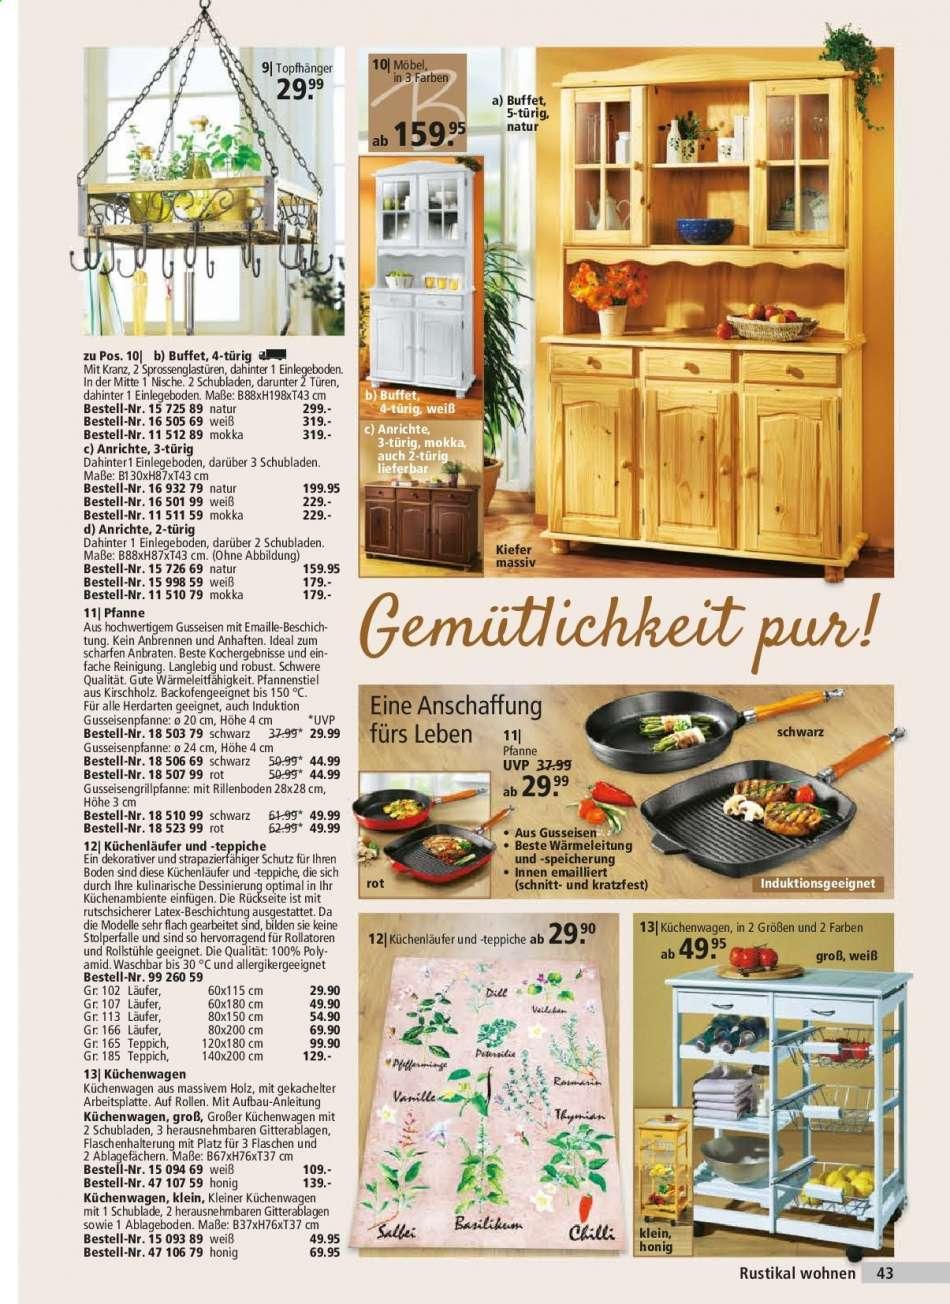 Full Size of Küchenläufer Aldi Brigitte Hachenburg Aktuelle Prospekte Rabatt Kompass Relaxsessel Garten Wohnzimmer Küchenläufer Aldi